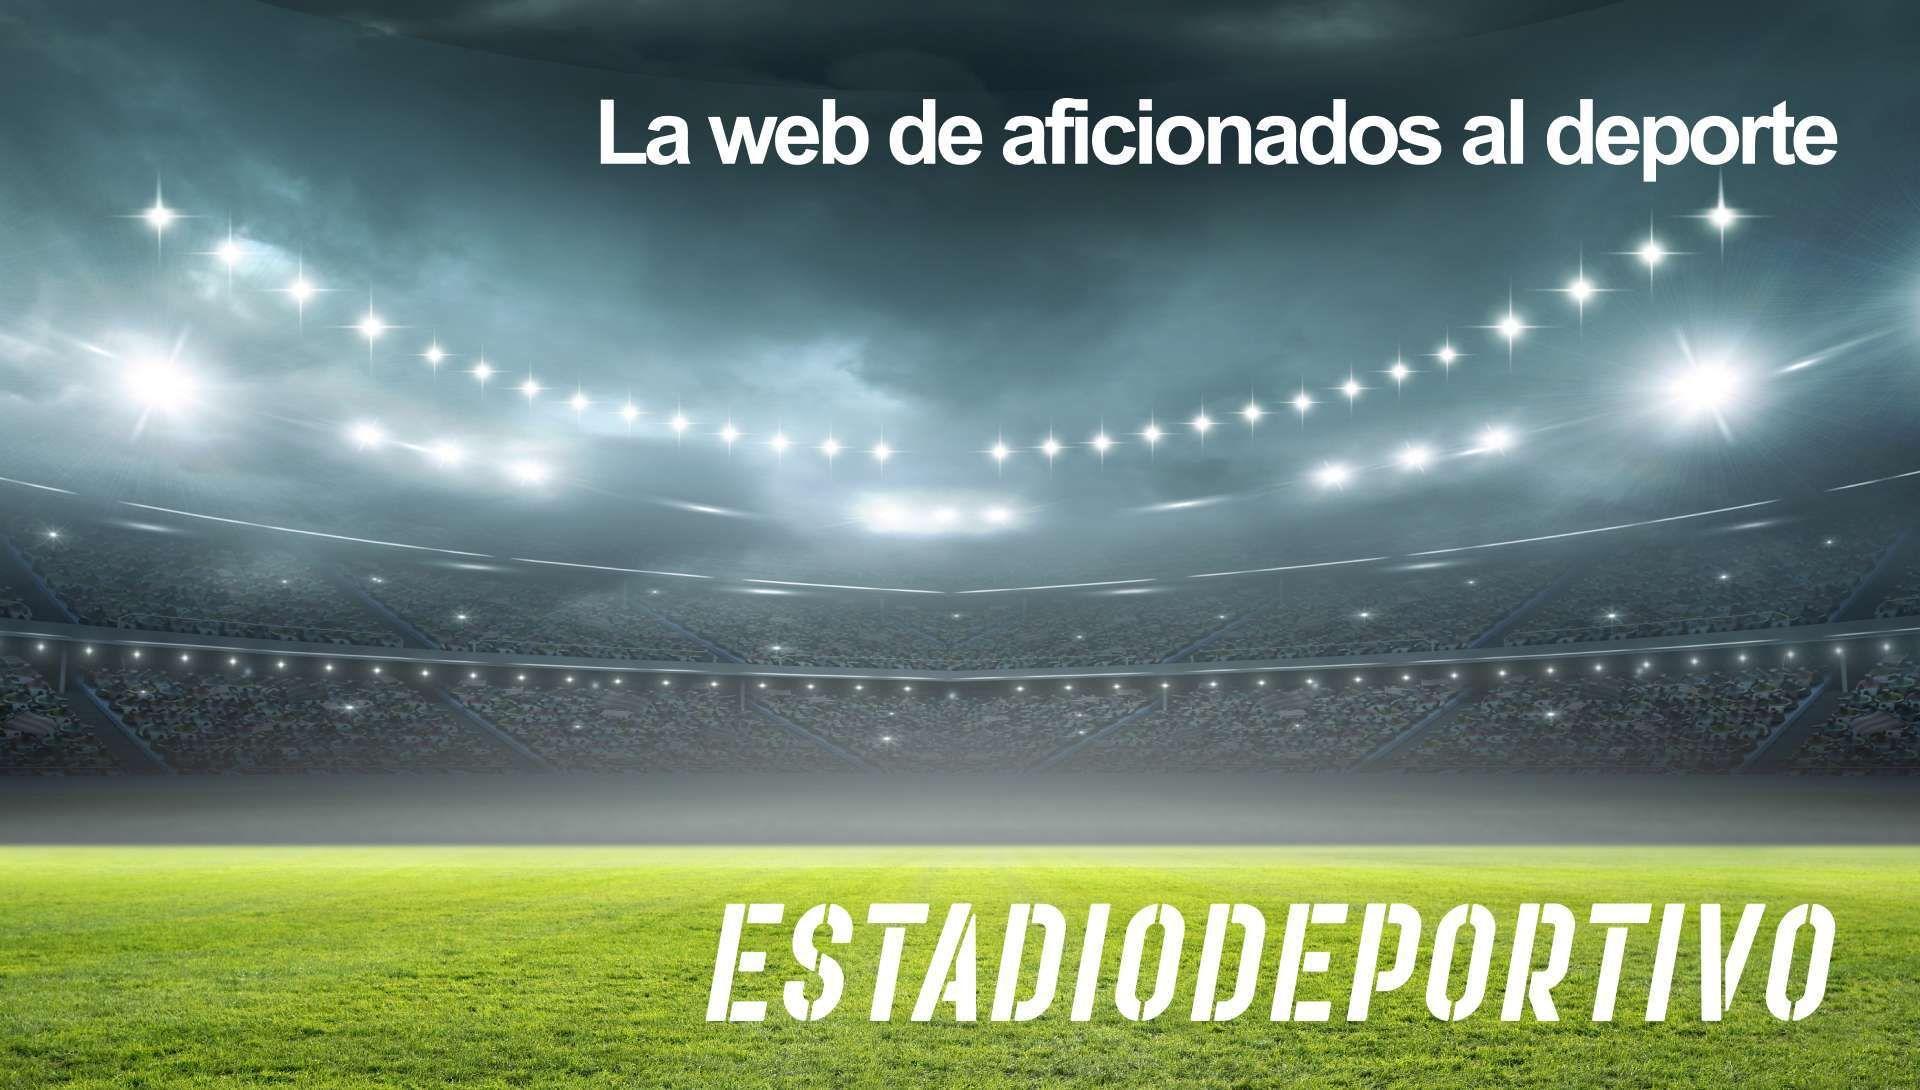 Las portadas del viernes 9 de julio